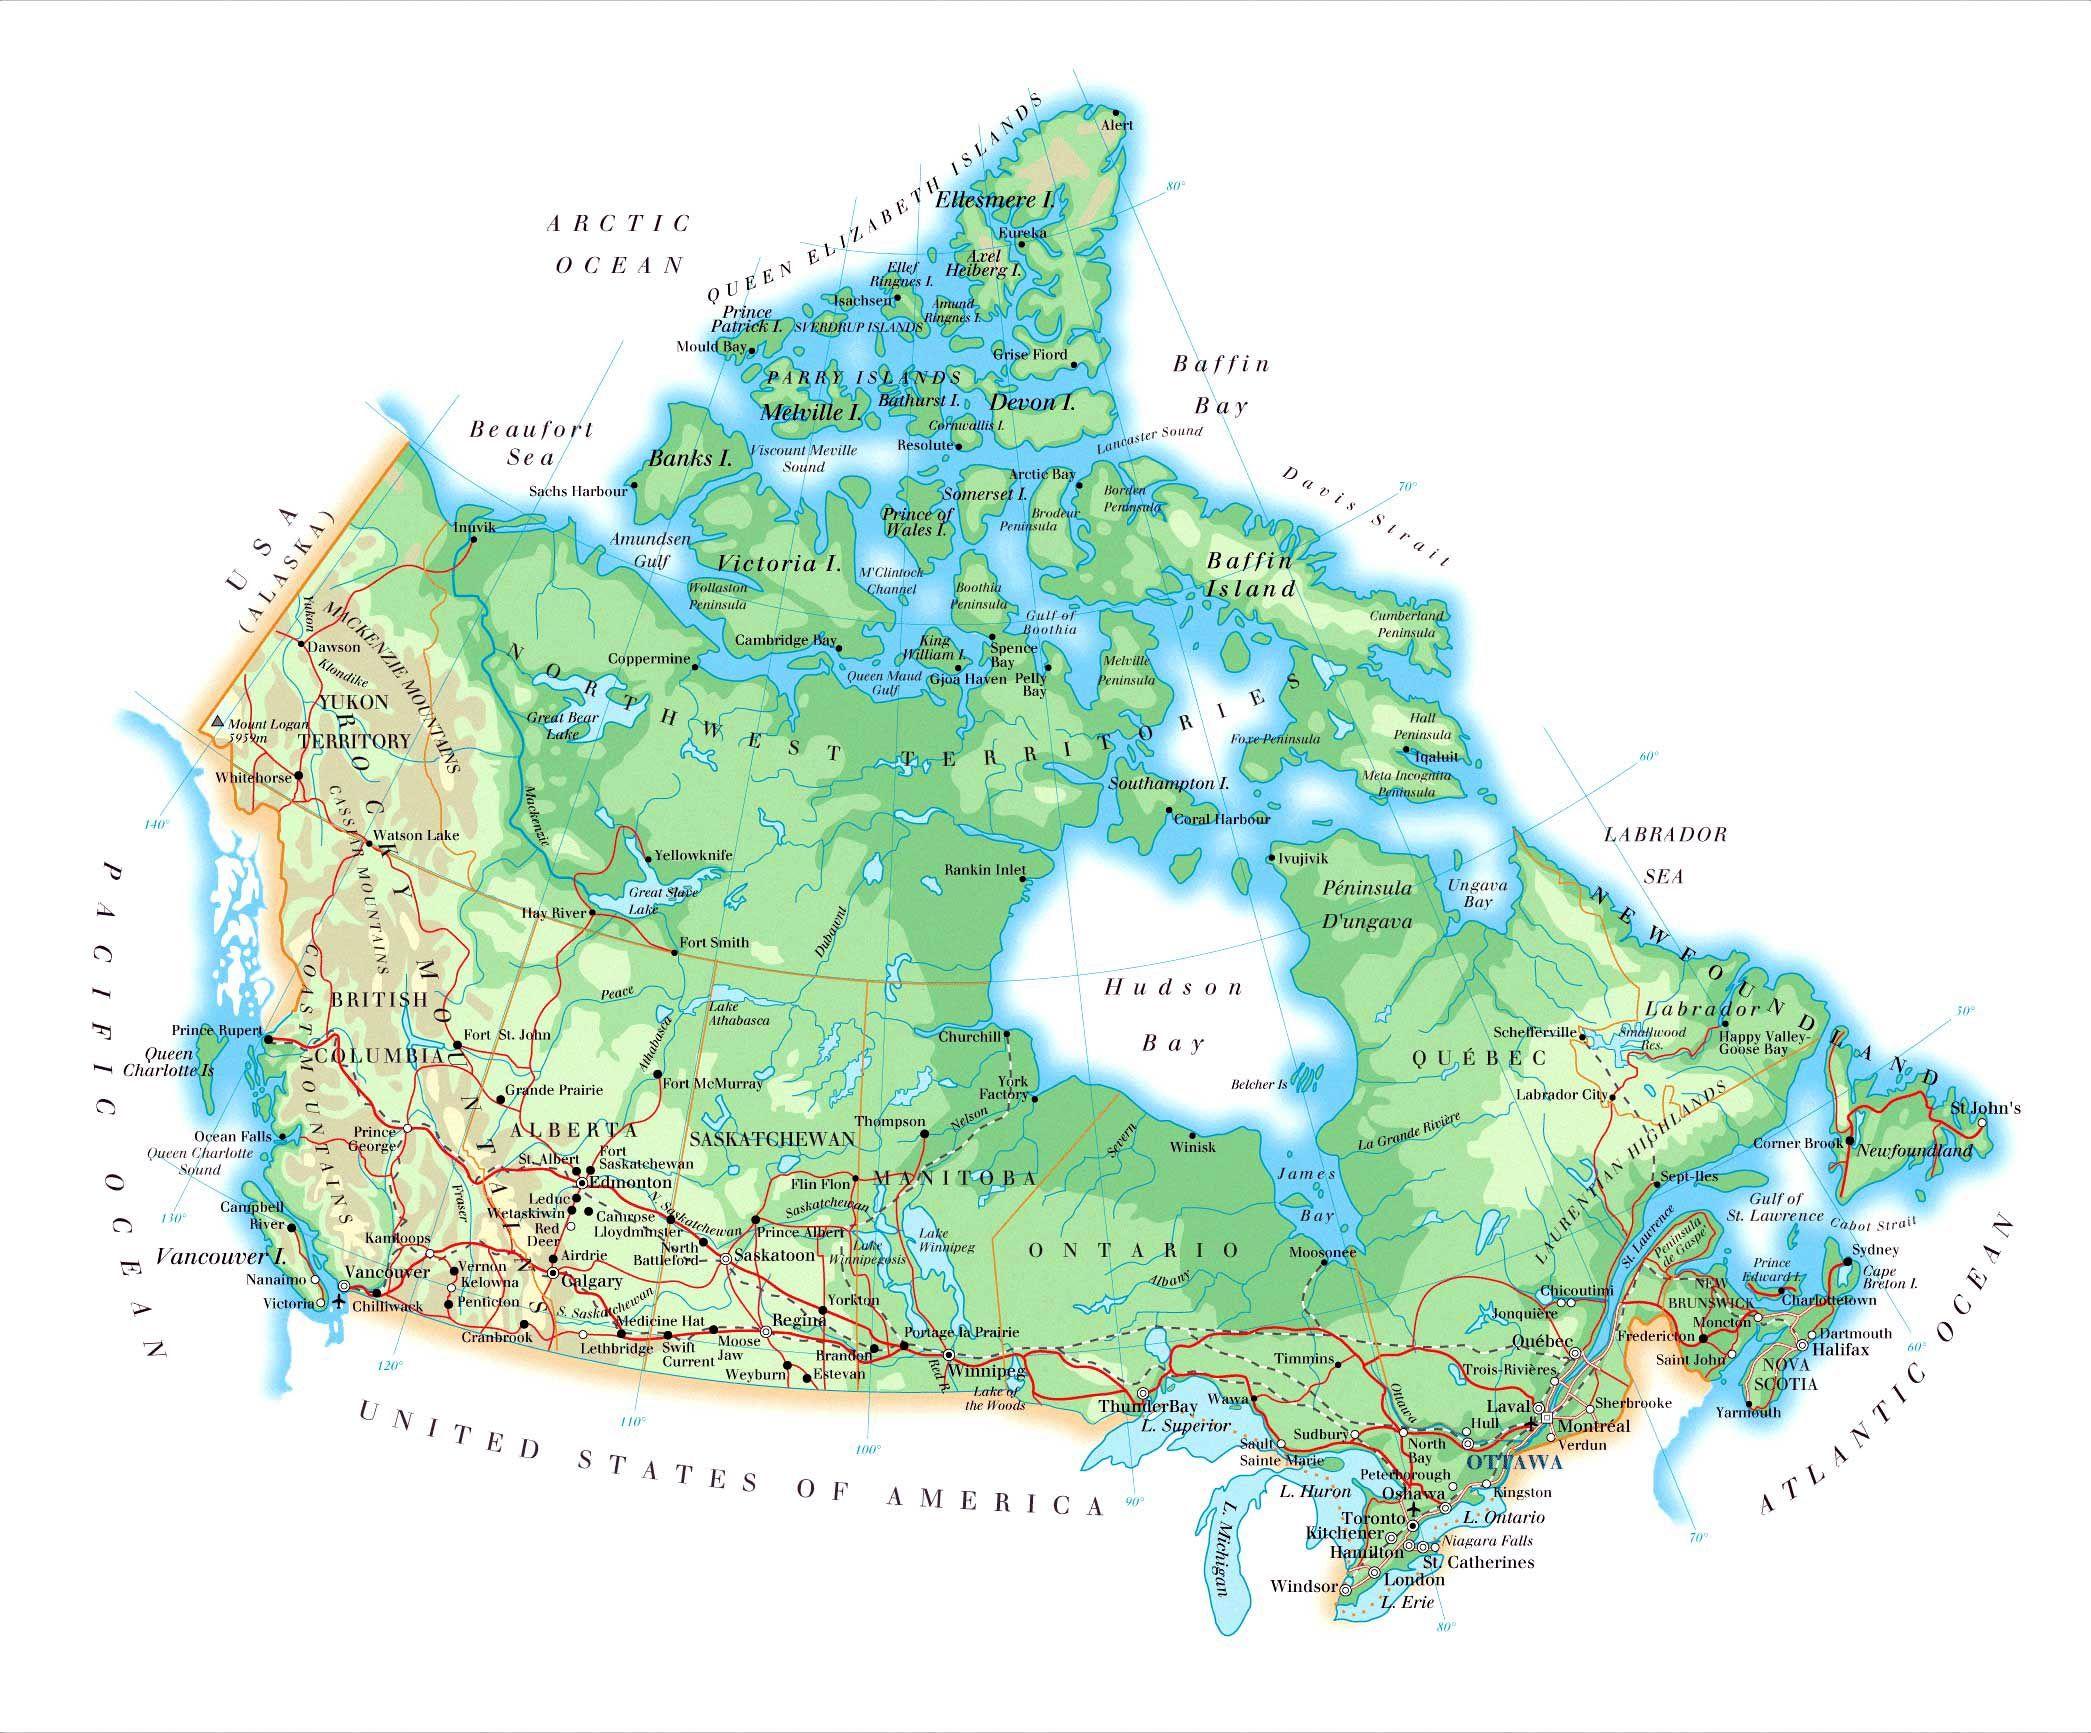 Carte Canada eevasioncom Les cartes de chaque pays pour